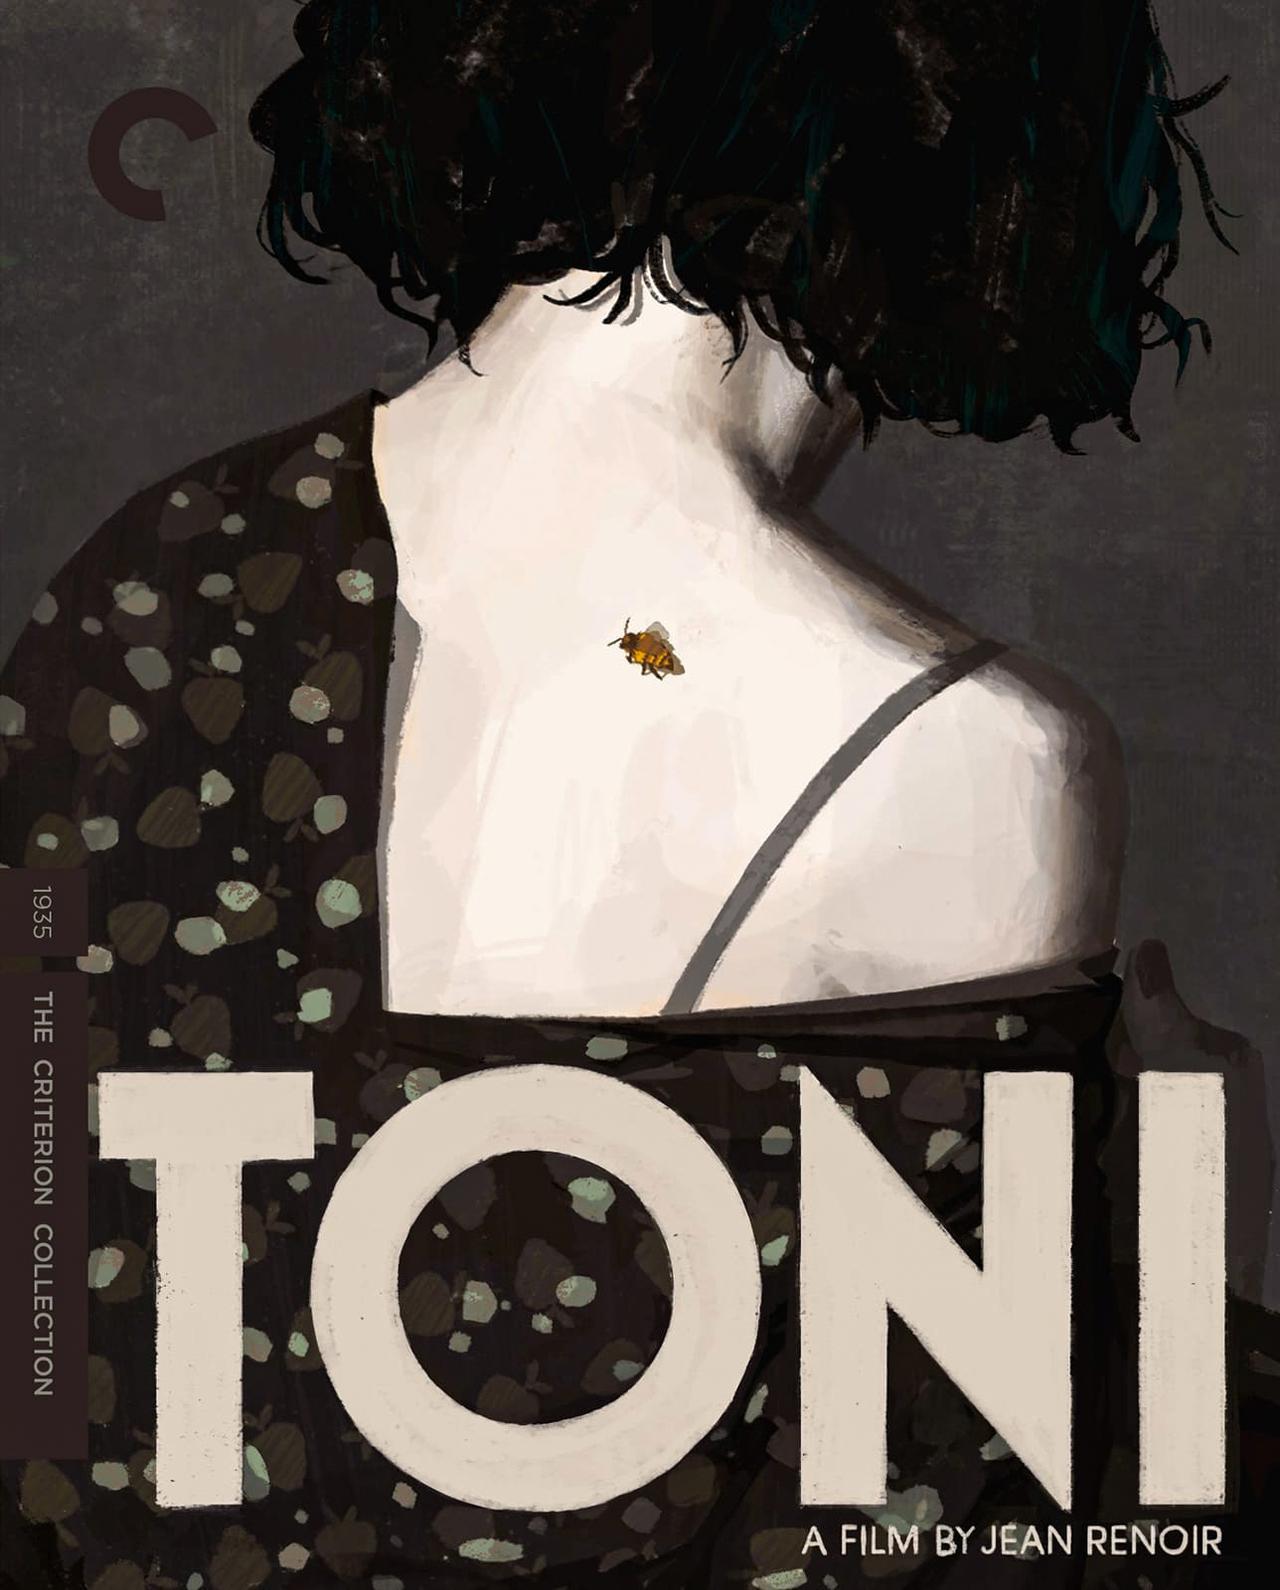 画像1: ジャン・ルノワール監督作『トニ』【クライテリオンNEWリリース】